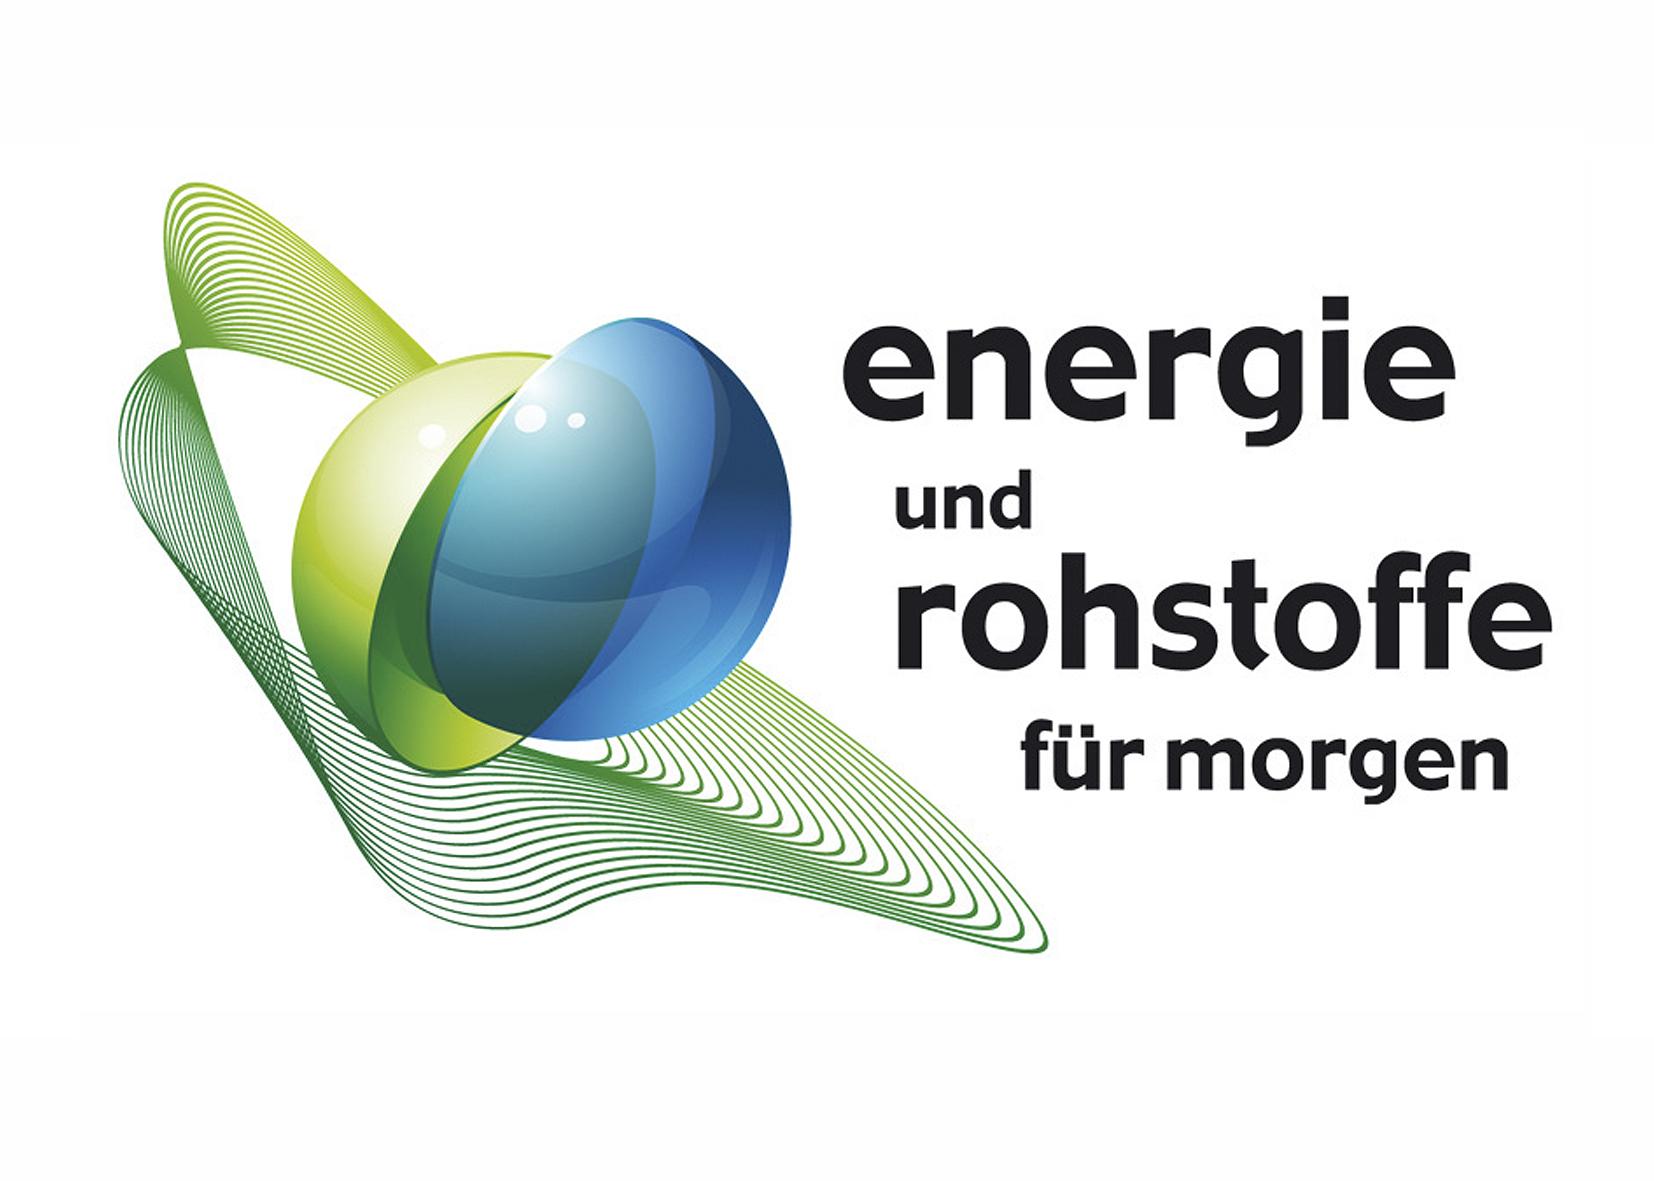 IHK-Jahreslogo 2012-1